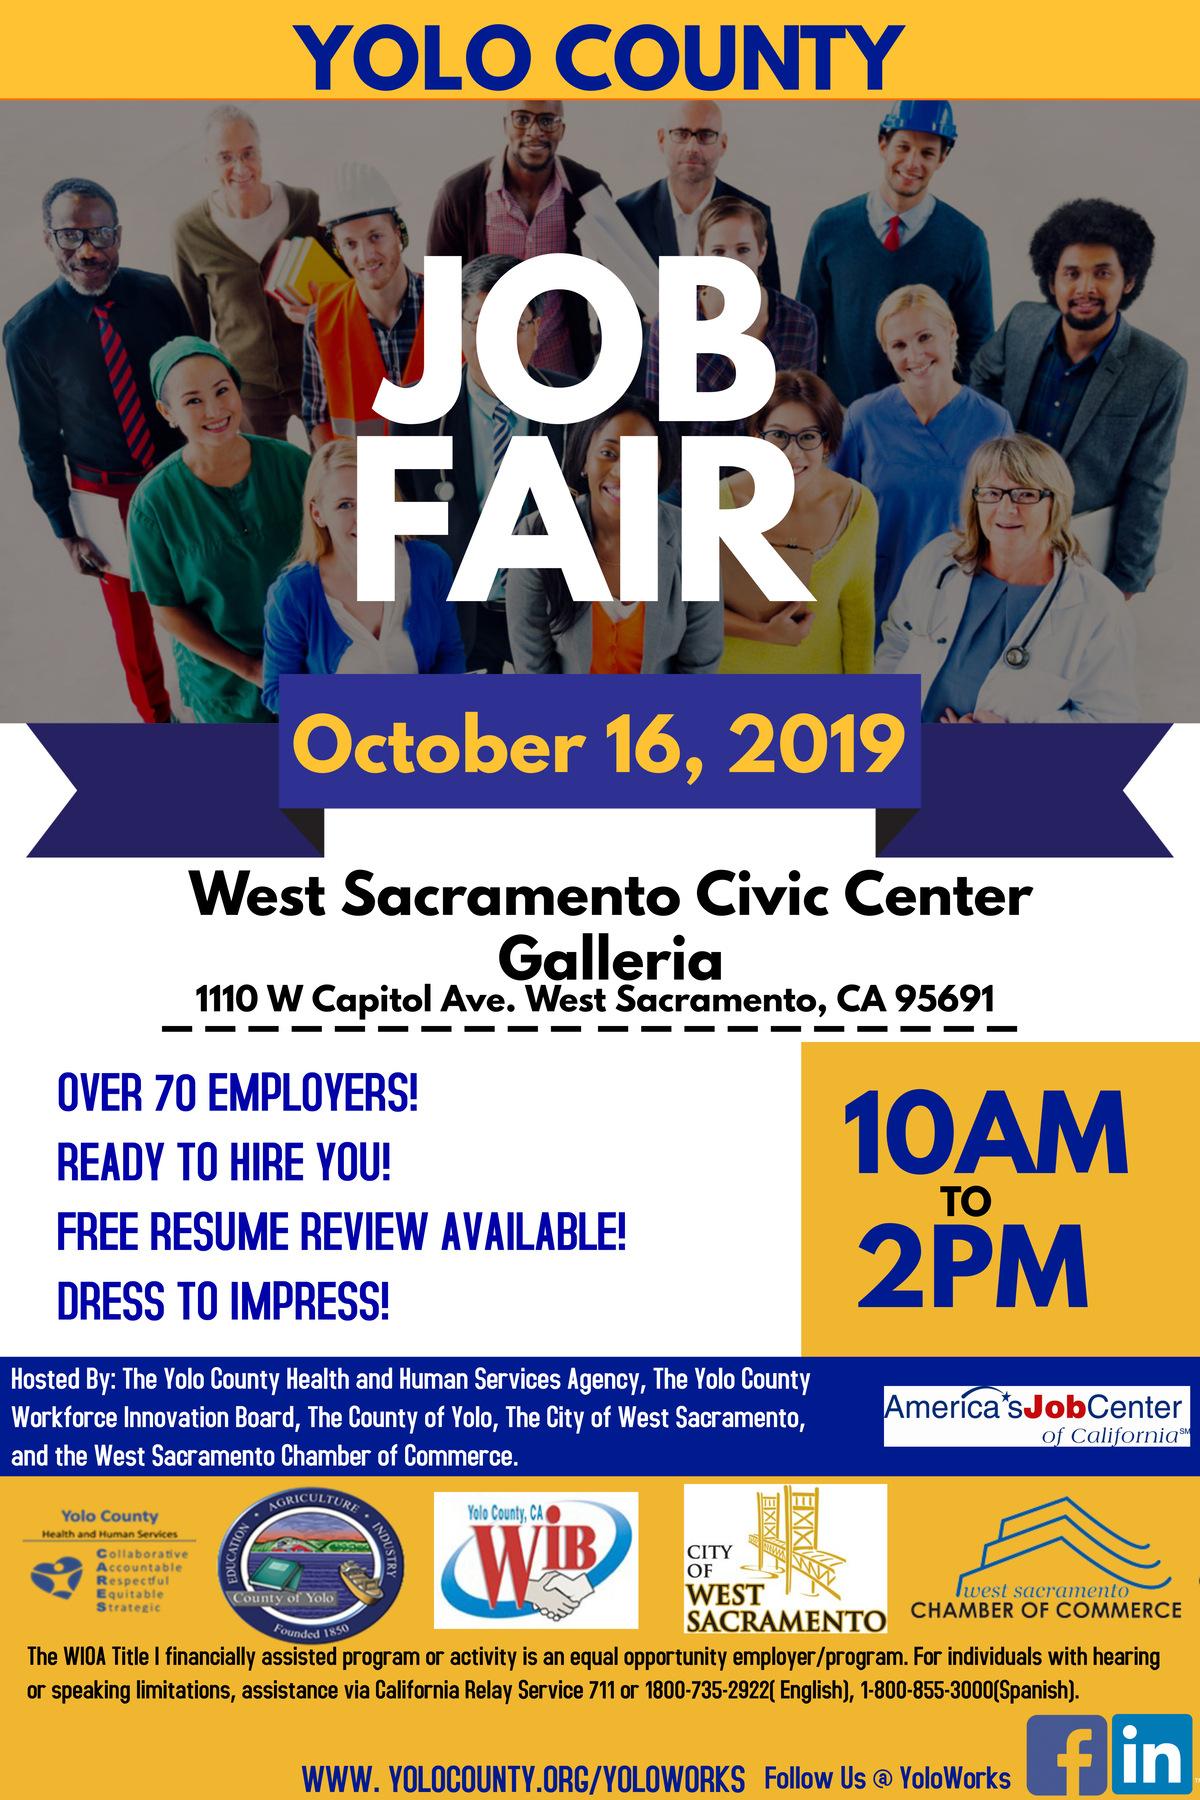 October 16th Job Fair Flyer Social Media